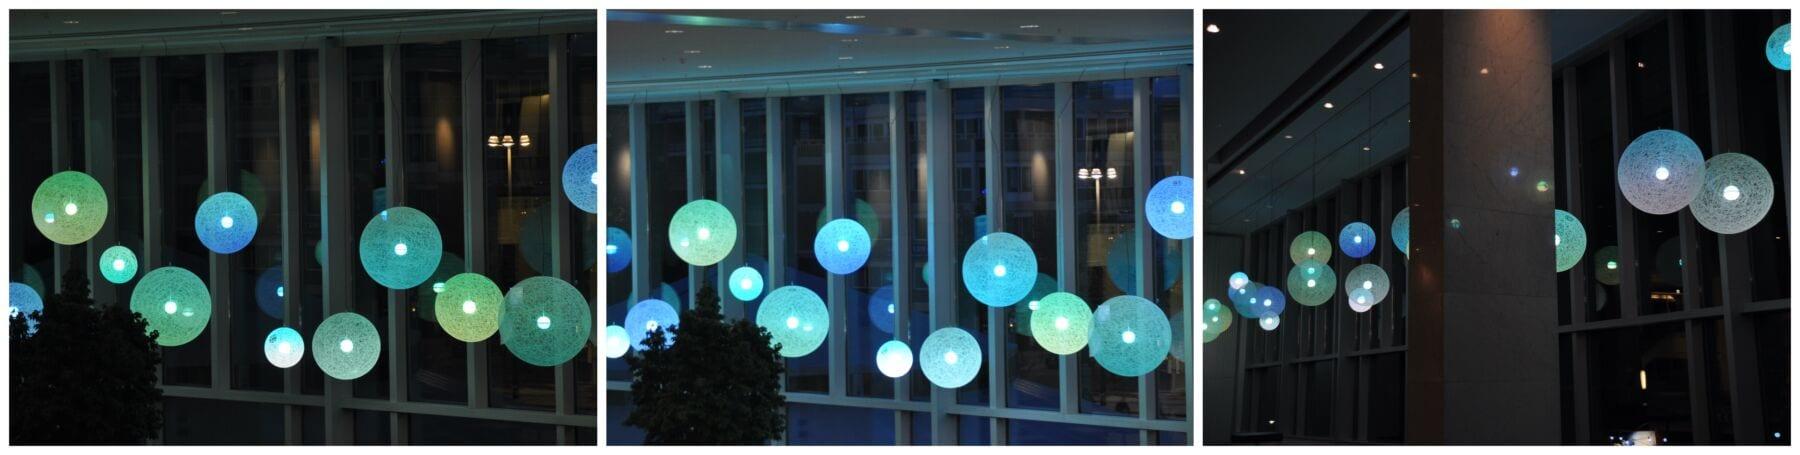 FOYER PARKSTAD LIMBURG THEATERS lampen